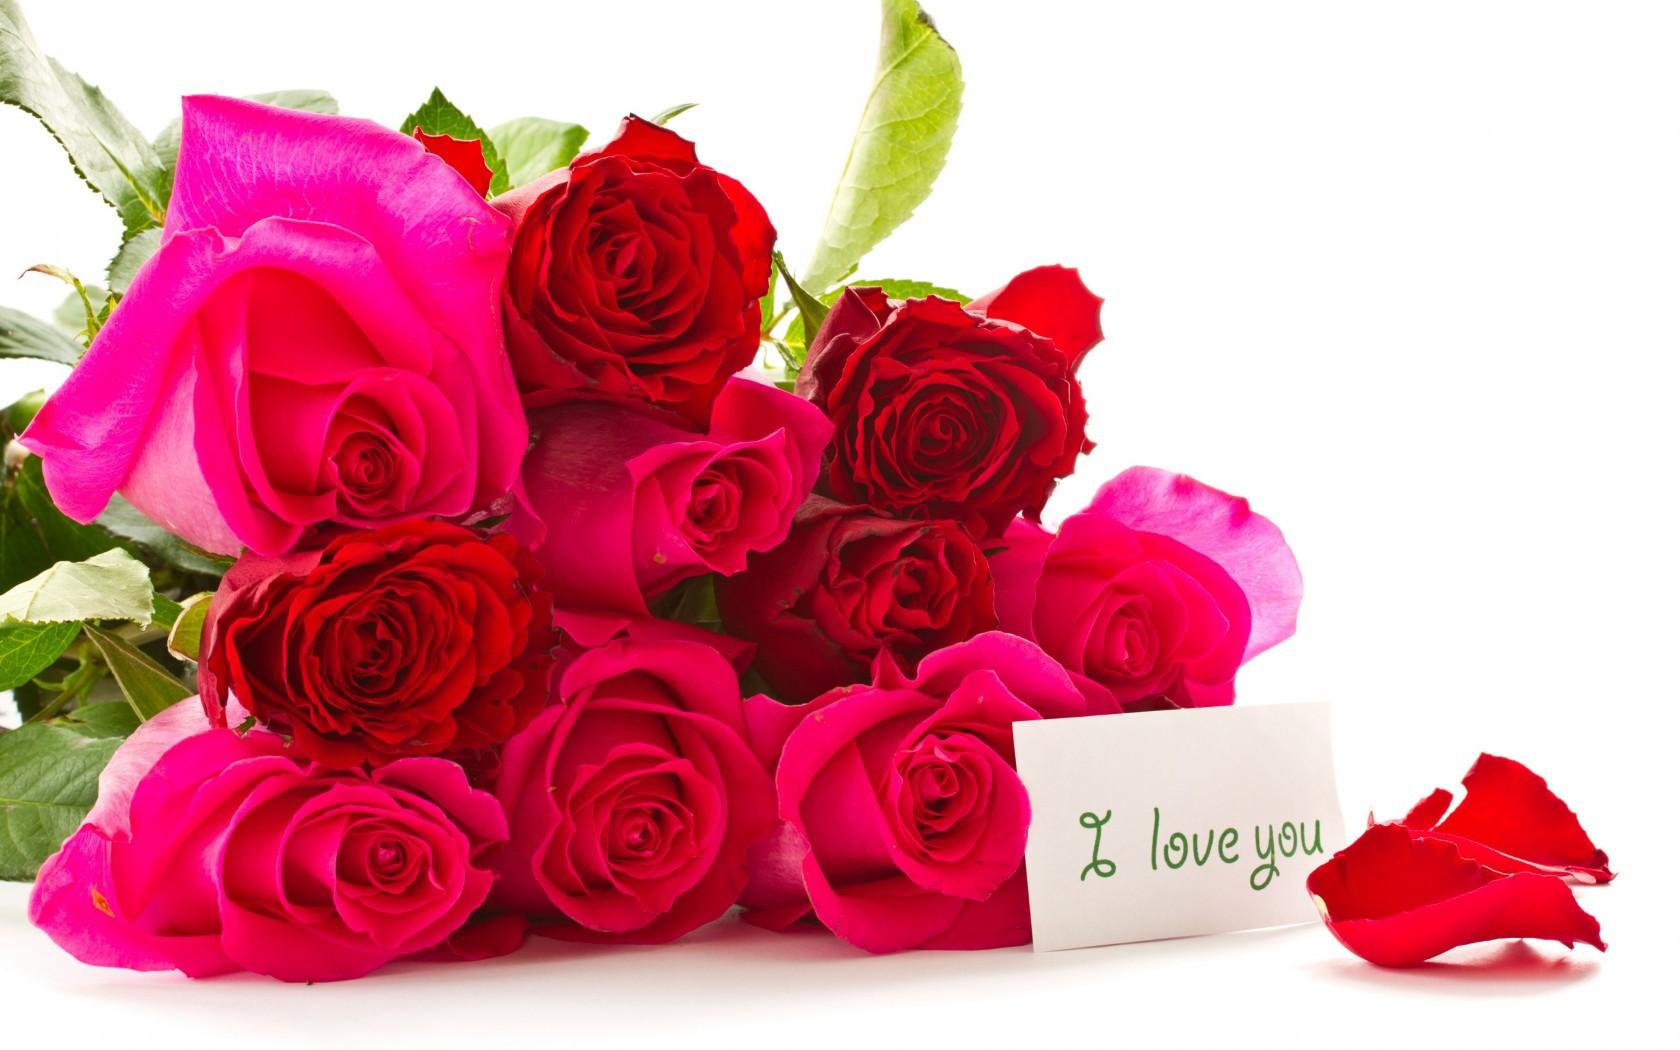 открытки с красивыми розами для любимой